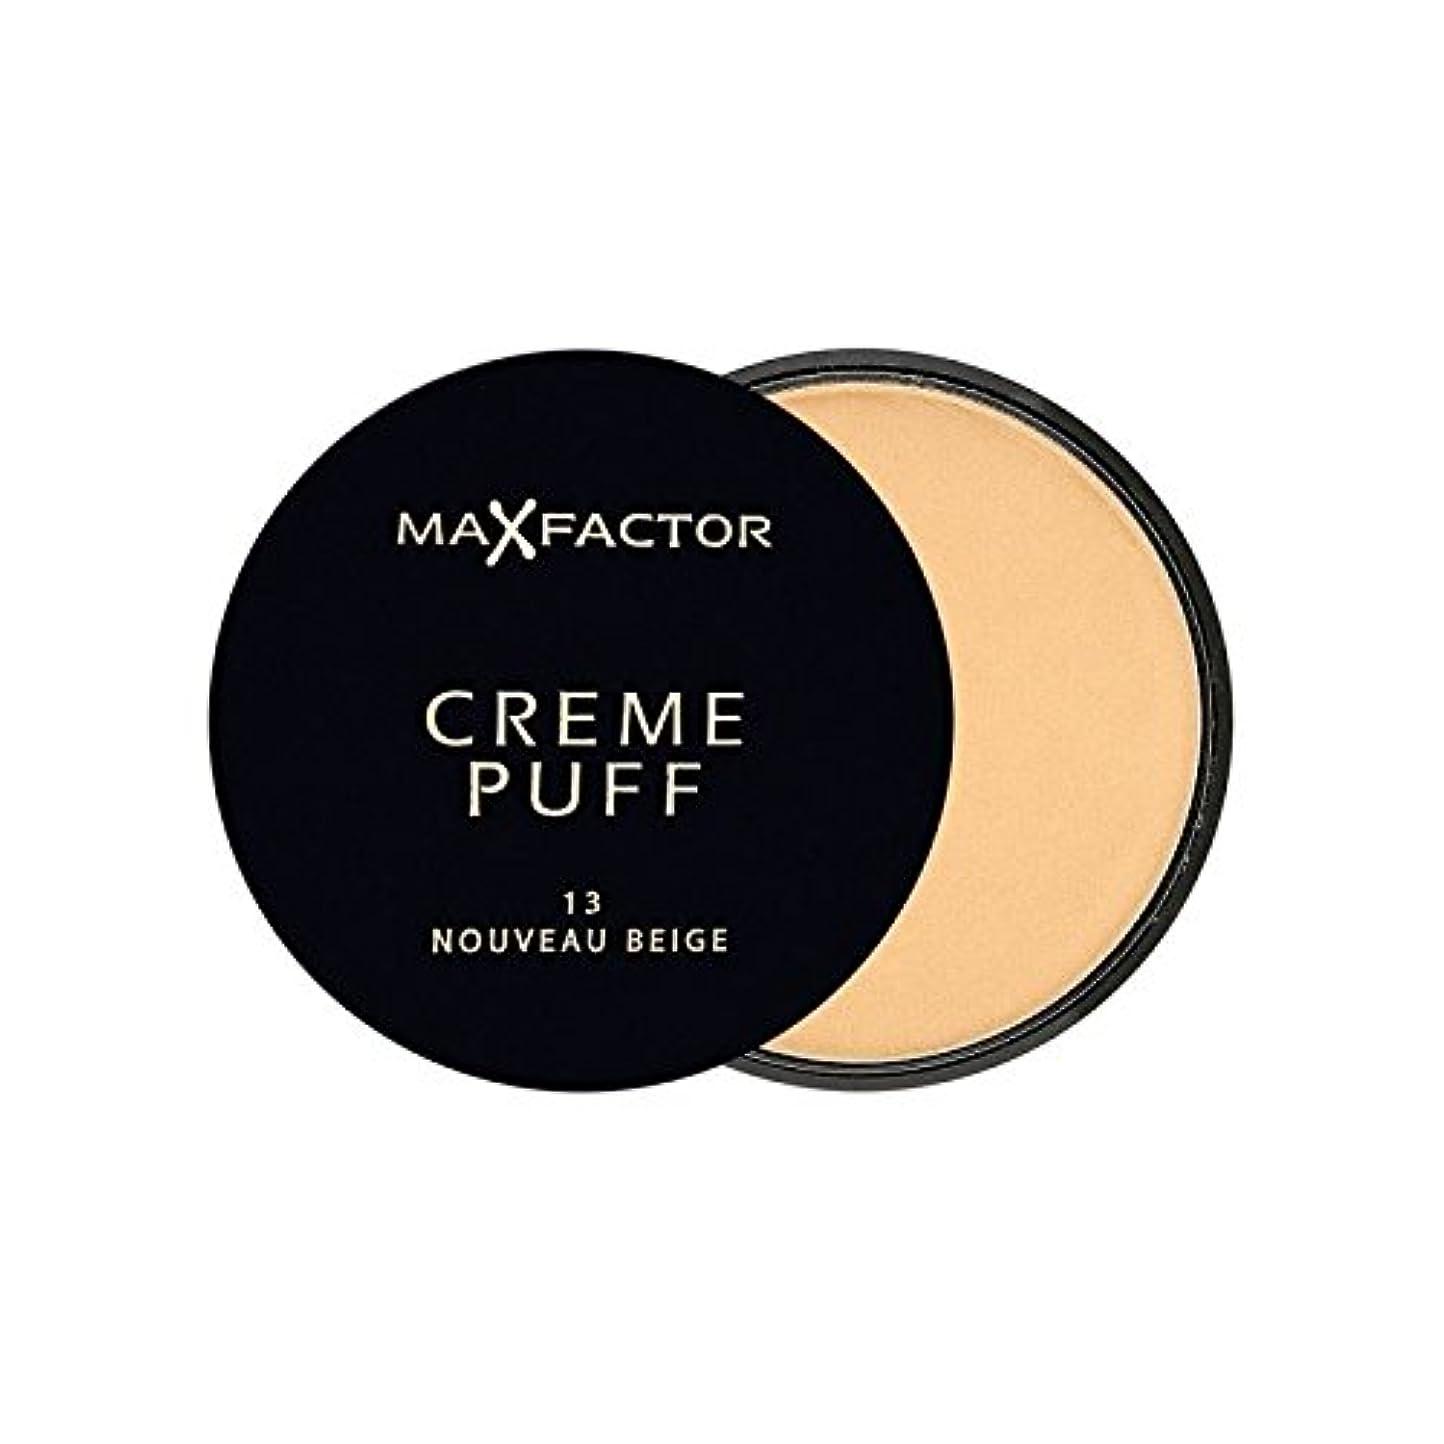 ビザ提供論文マックスファクタークリームパフ粉末コンパクトヌーボーベージュ13 x2 - Max Factor Creme Puff Powder Compact Nouveau Beige 13 (Pack of 2) [並行輸入品]